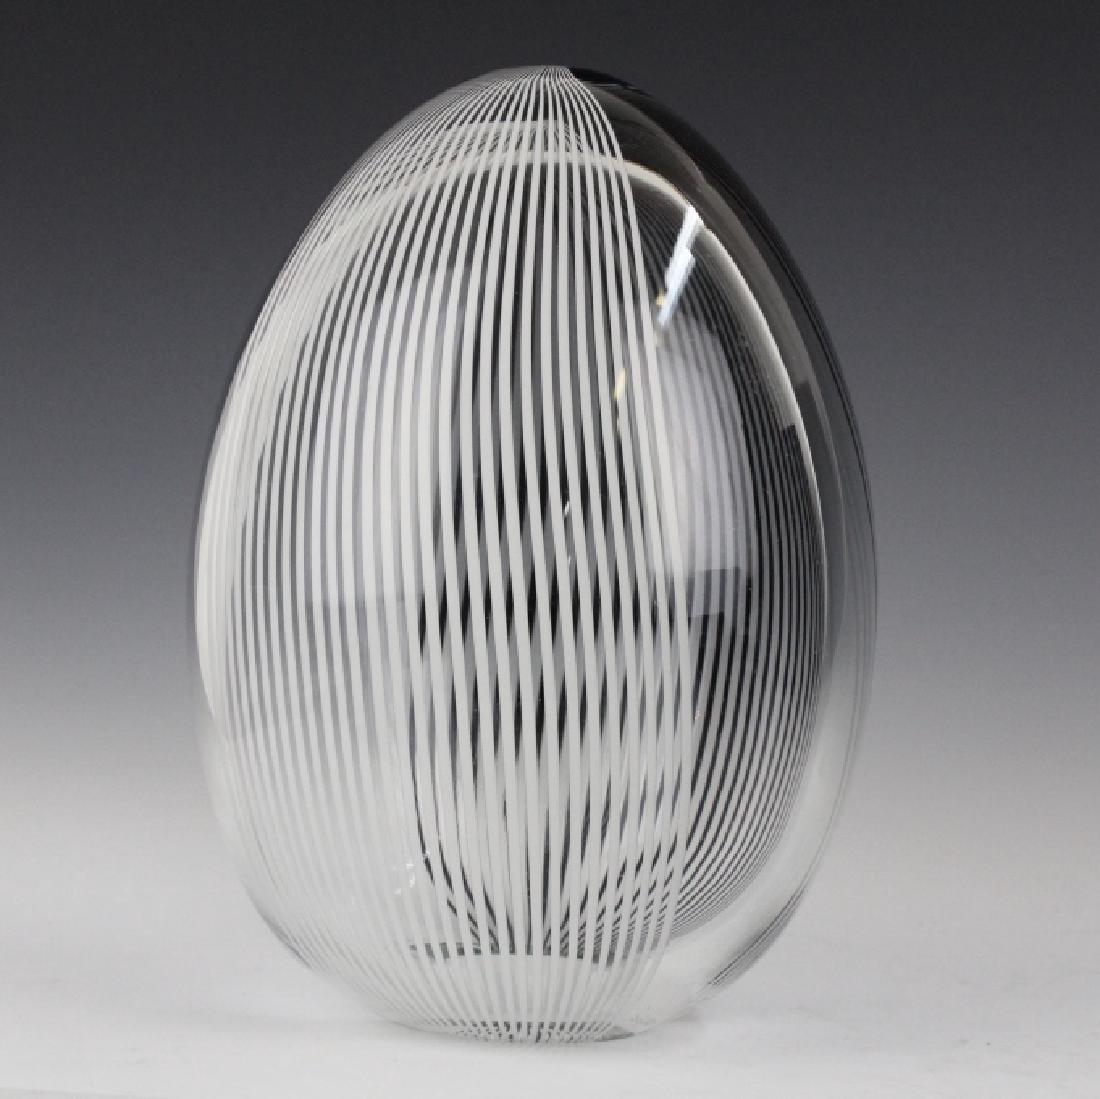 Lino Tagliapietra Murano Art Glass L/E Oggetti Egg